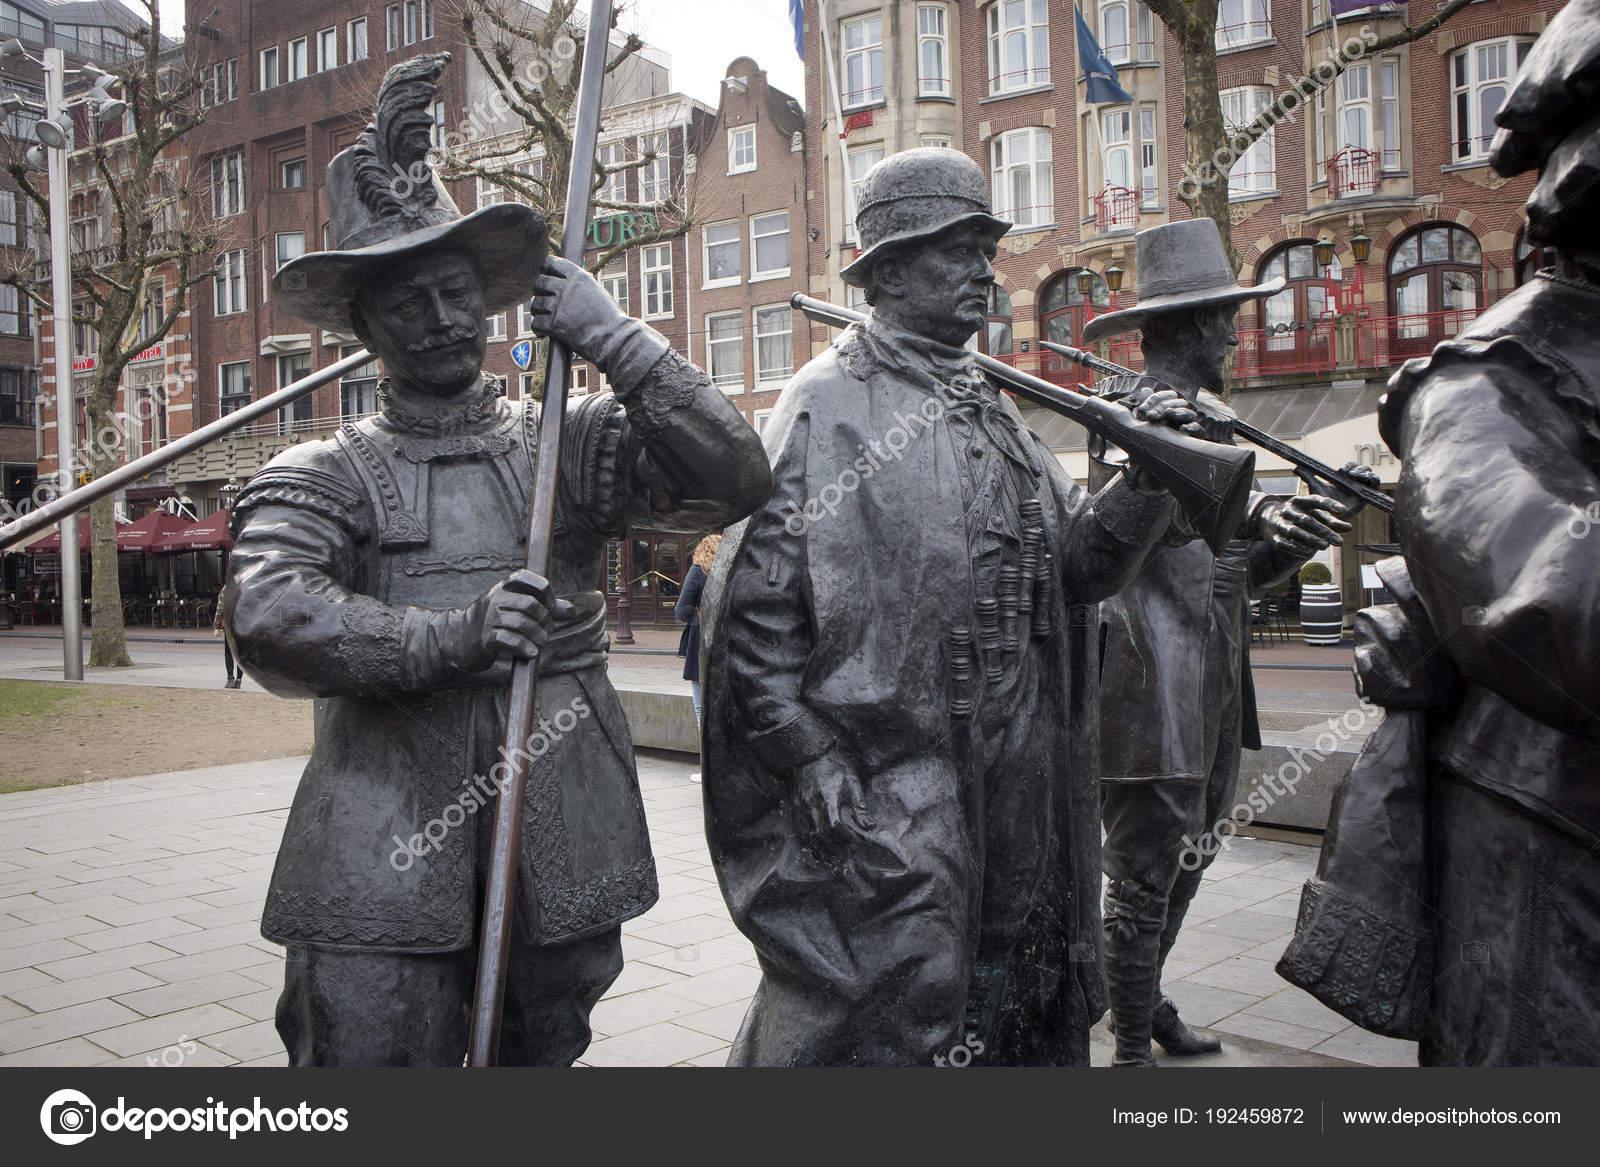 Rembrandt statue on Rembrandtplein - Rembrandt Square both named